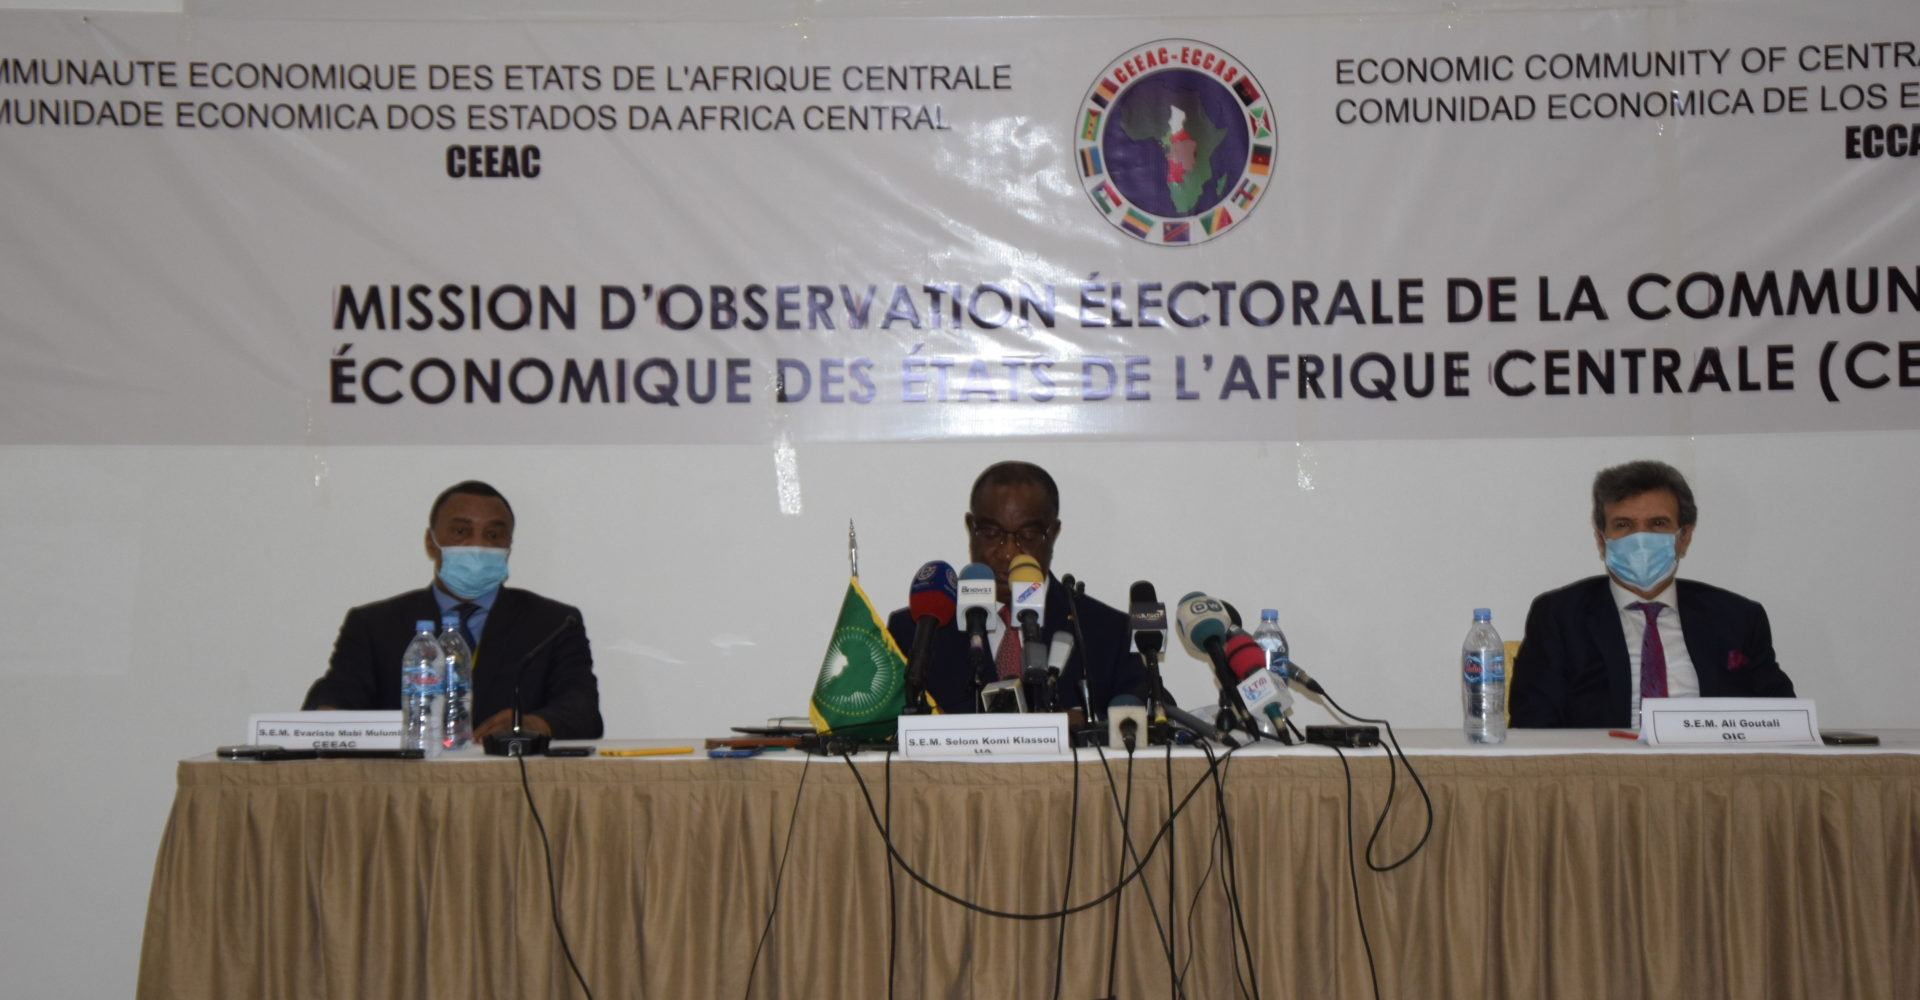 Les observateurs de la Ceeac, de l'Oci et de l'Ua satisfaits de la présidentielle au Tchad 1